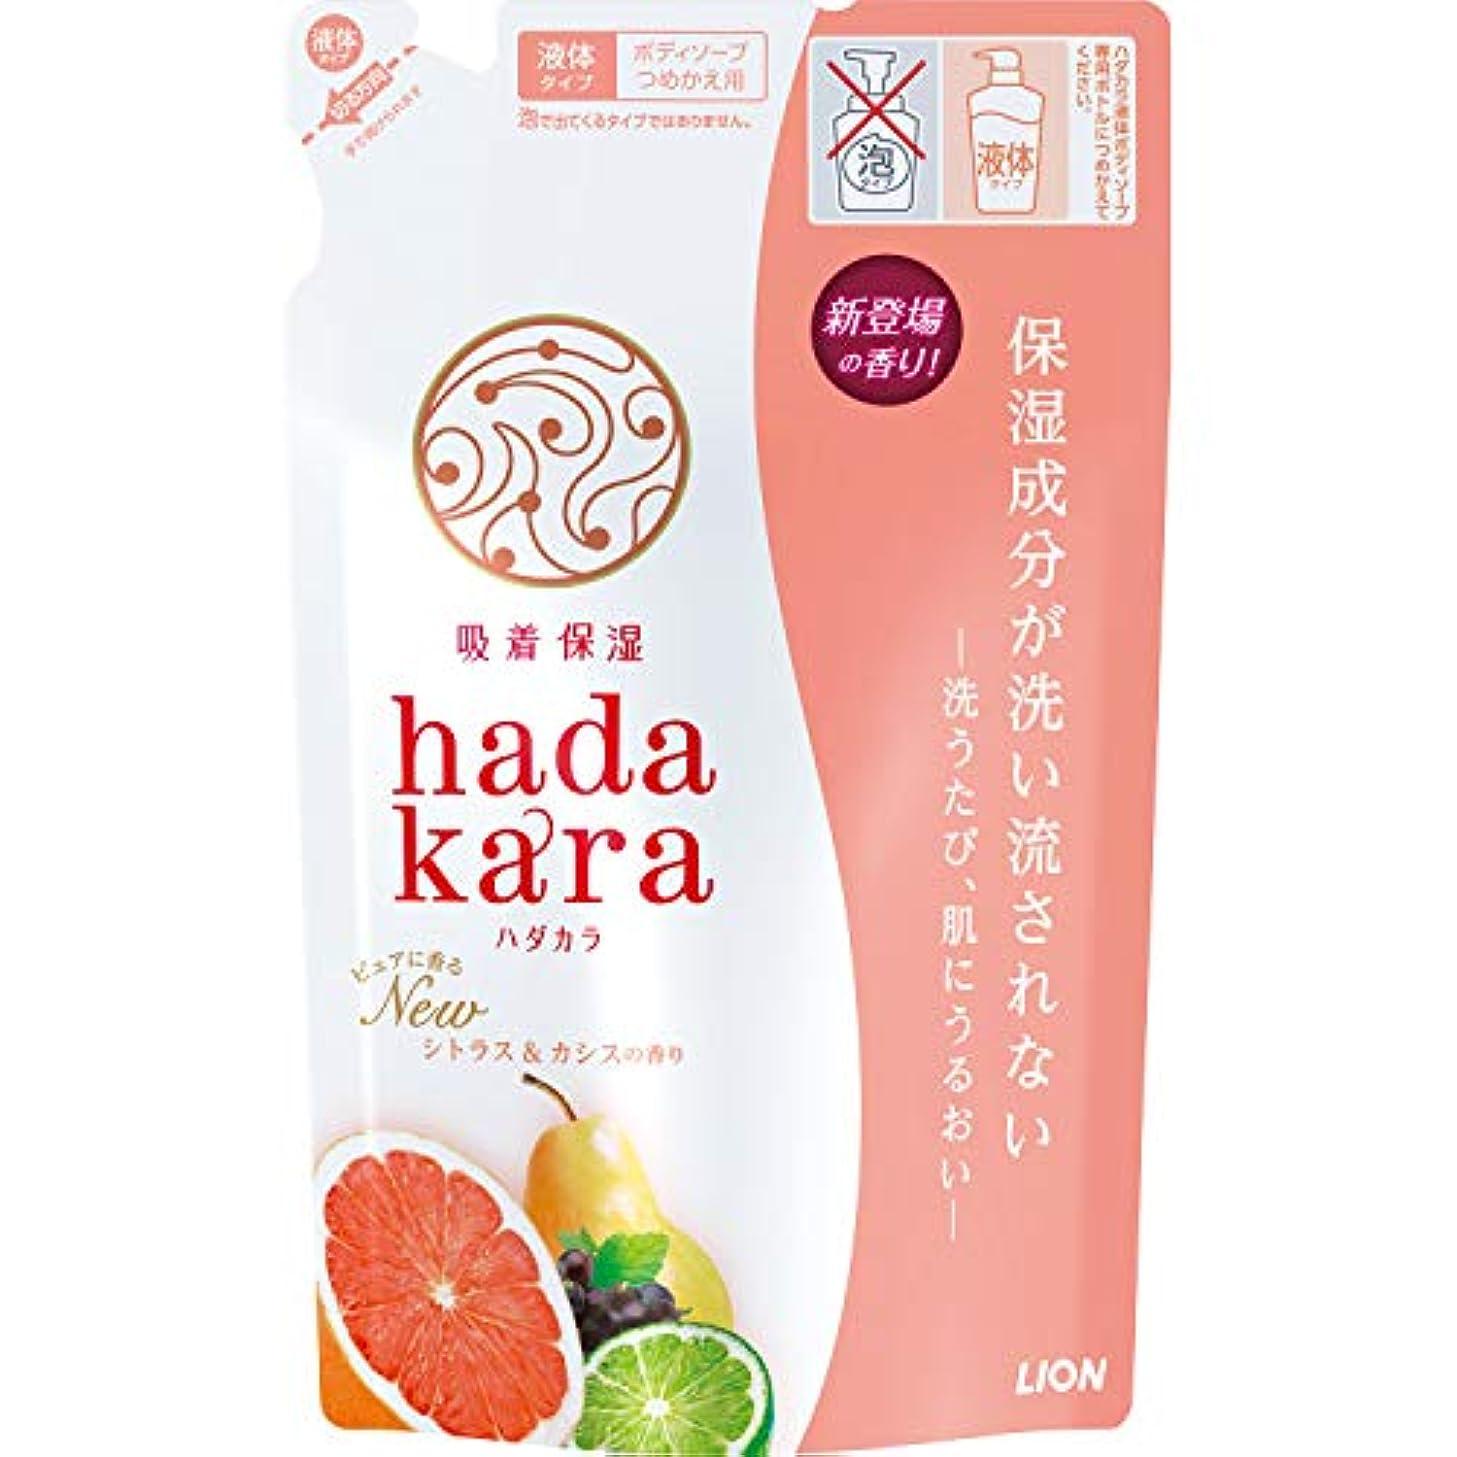 解任ノベルティ血色の良いhadakara(ハダカラ) ボディソープ シトラス&カシスの香り つめかえ 360ml 詰替え用